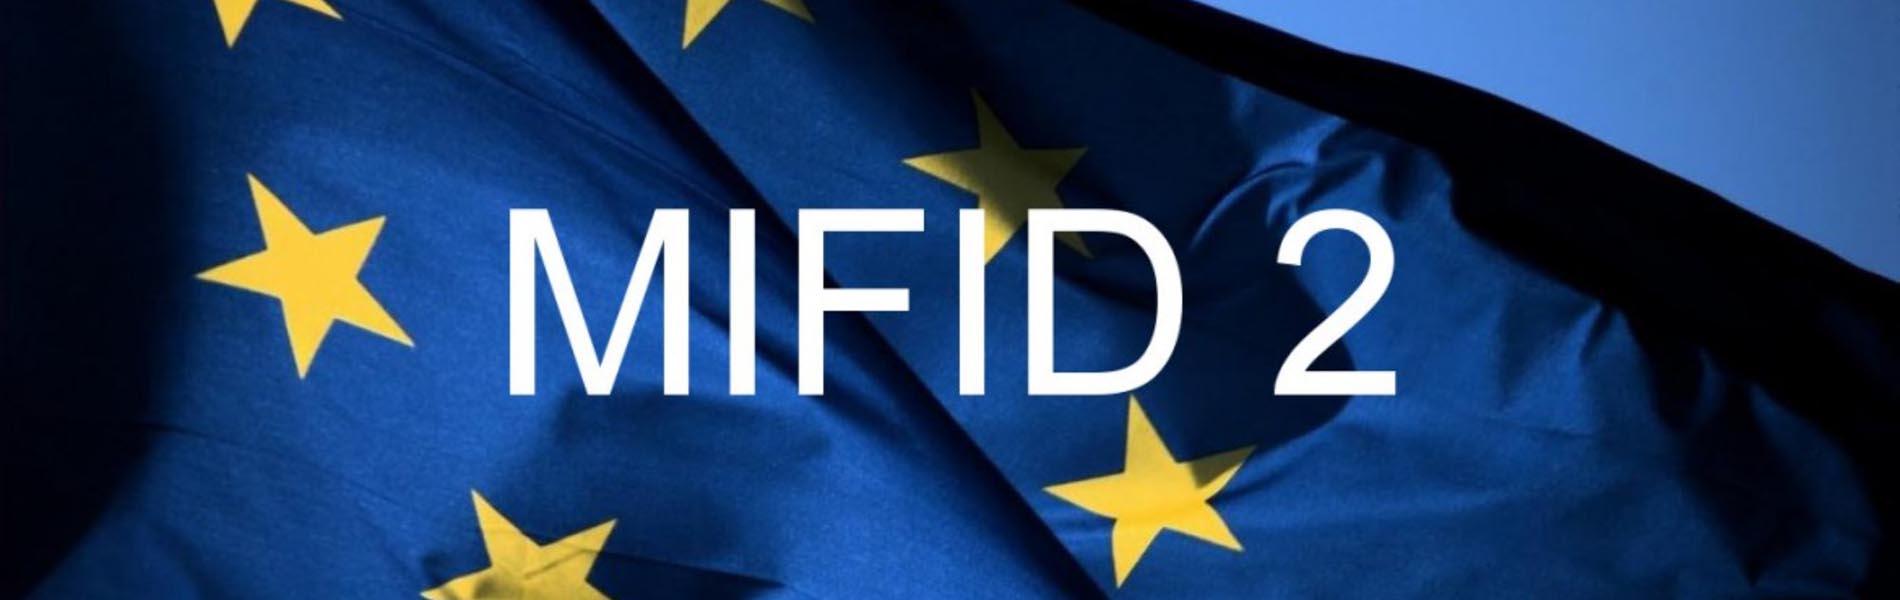 Mifid II